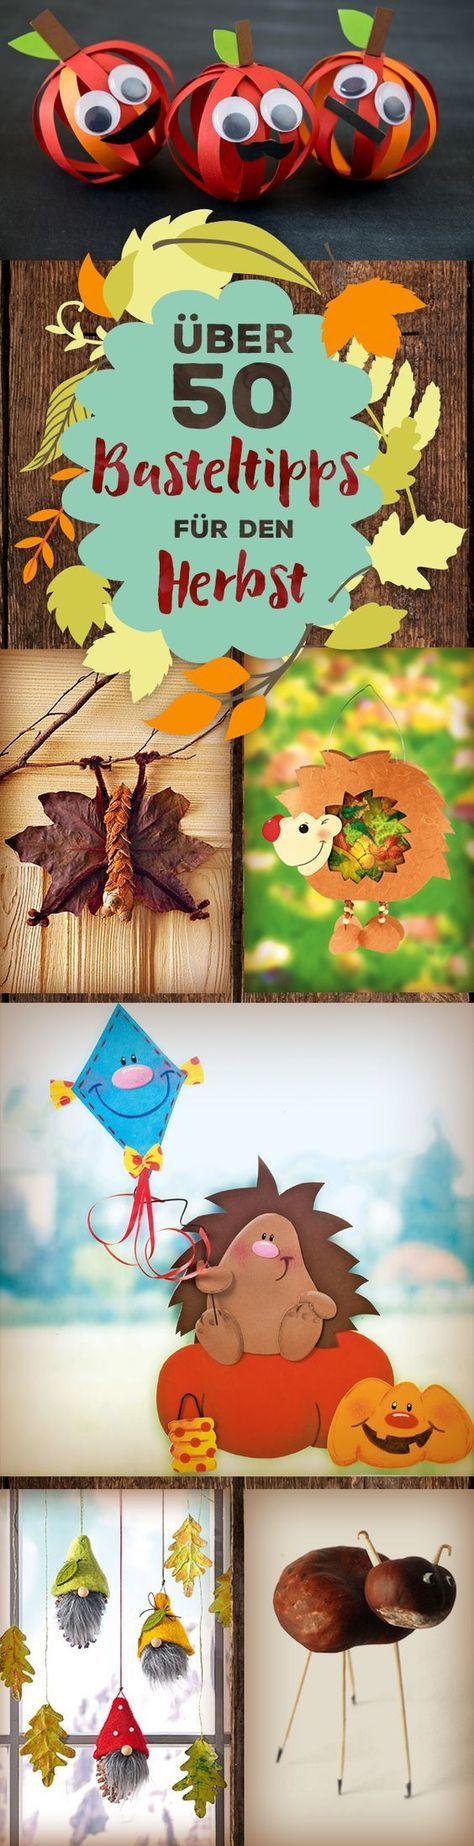 Herbstbasteln: Ideen für herbstlichen Bastelspaß | familie.de #halloweencraftsfortoddlers